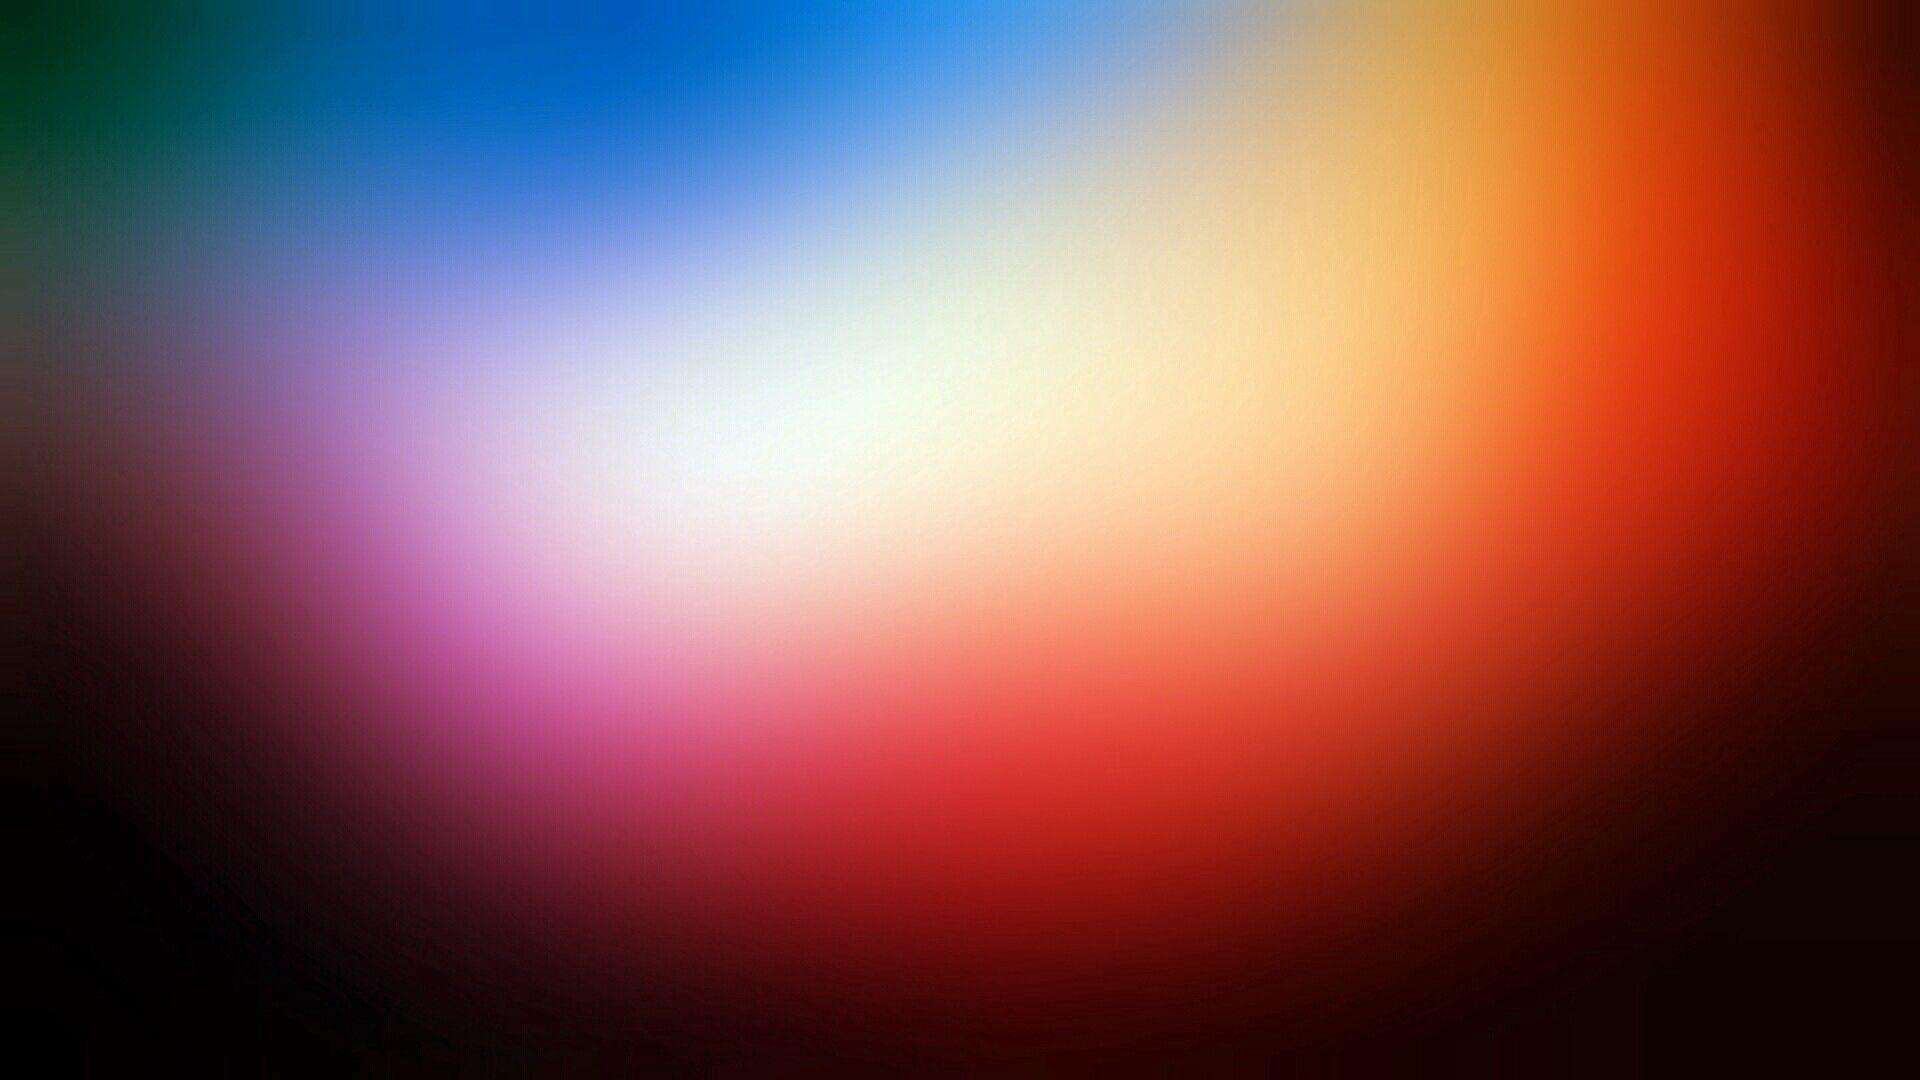 132616 скачать обои Абстракция, Блики, Круги, Пятна, Фон, Темный - заставки и картинки бесплатно